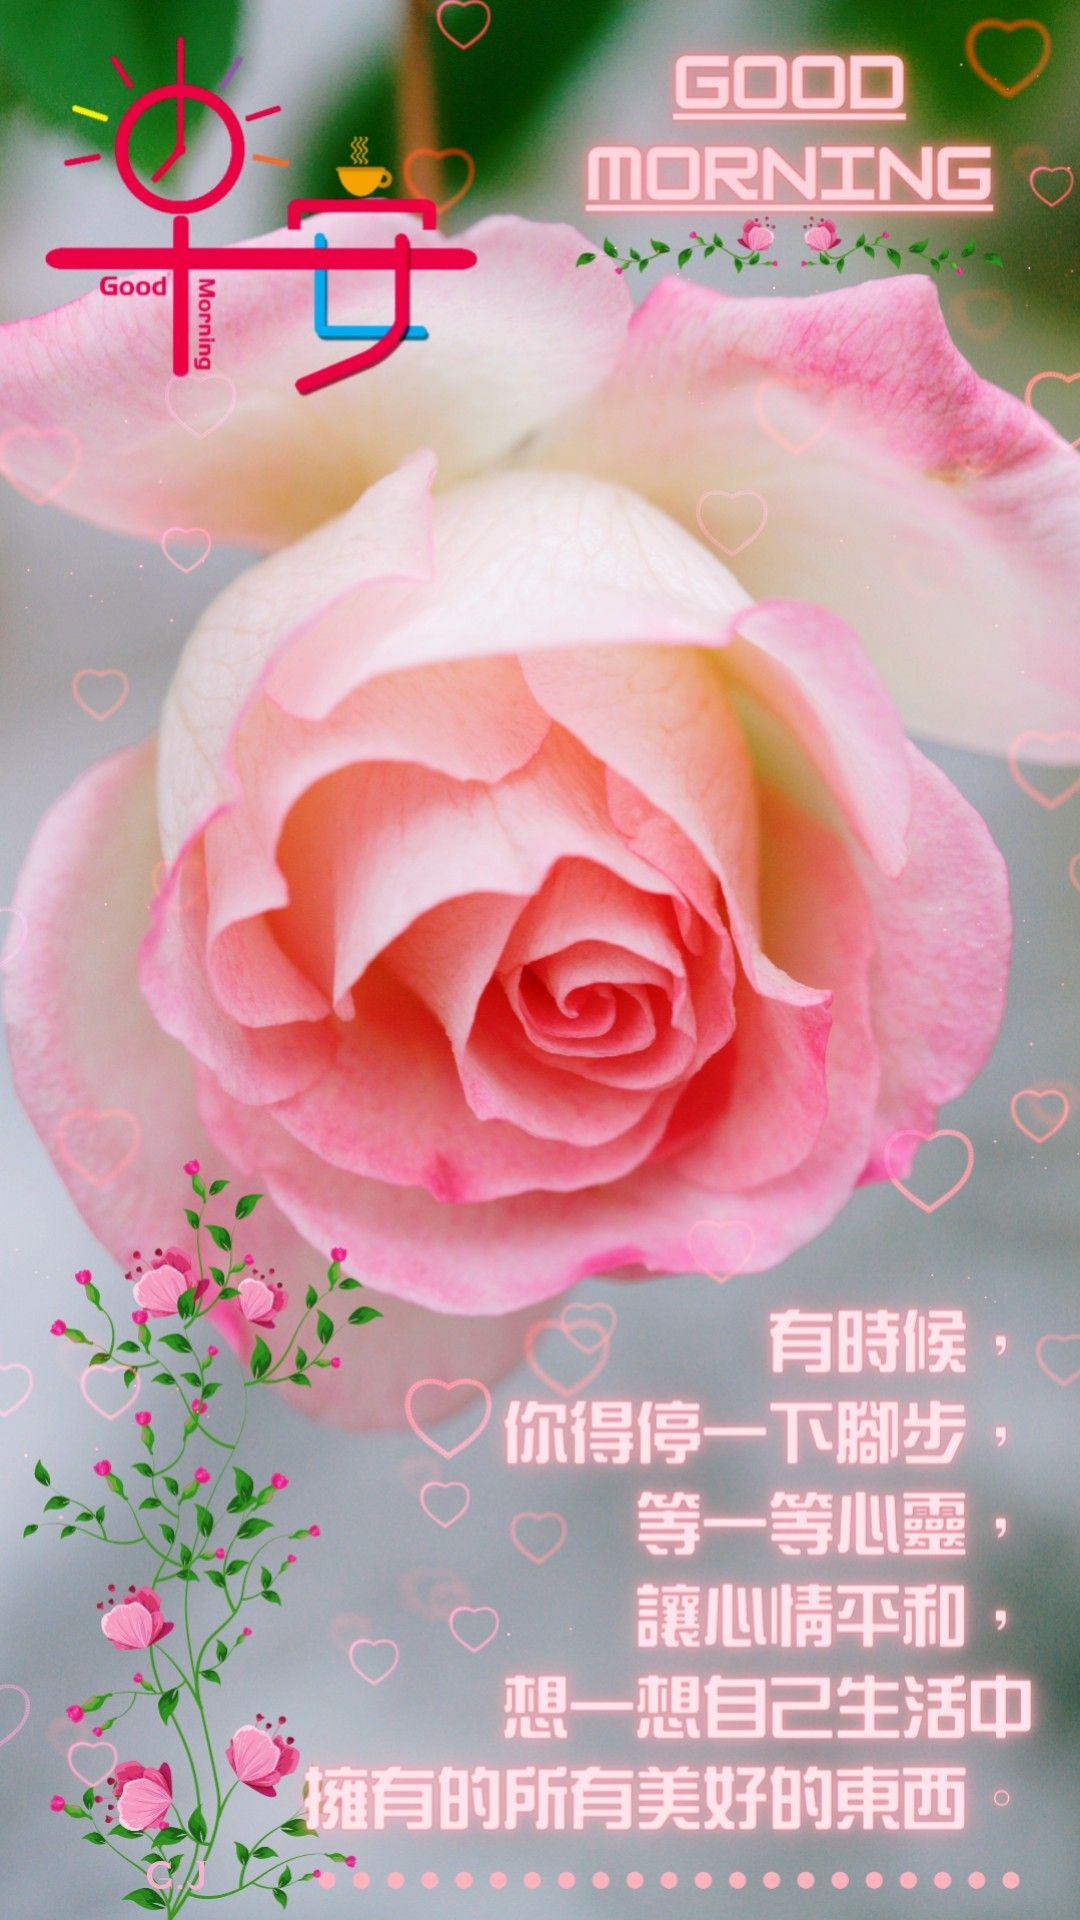 生活中美好的東西 Good Morning Friends Good Morning Friends Quotes Good Morning Wishes